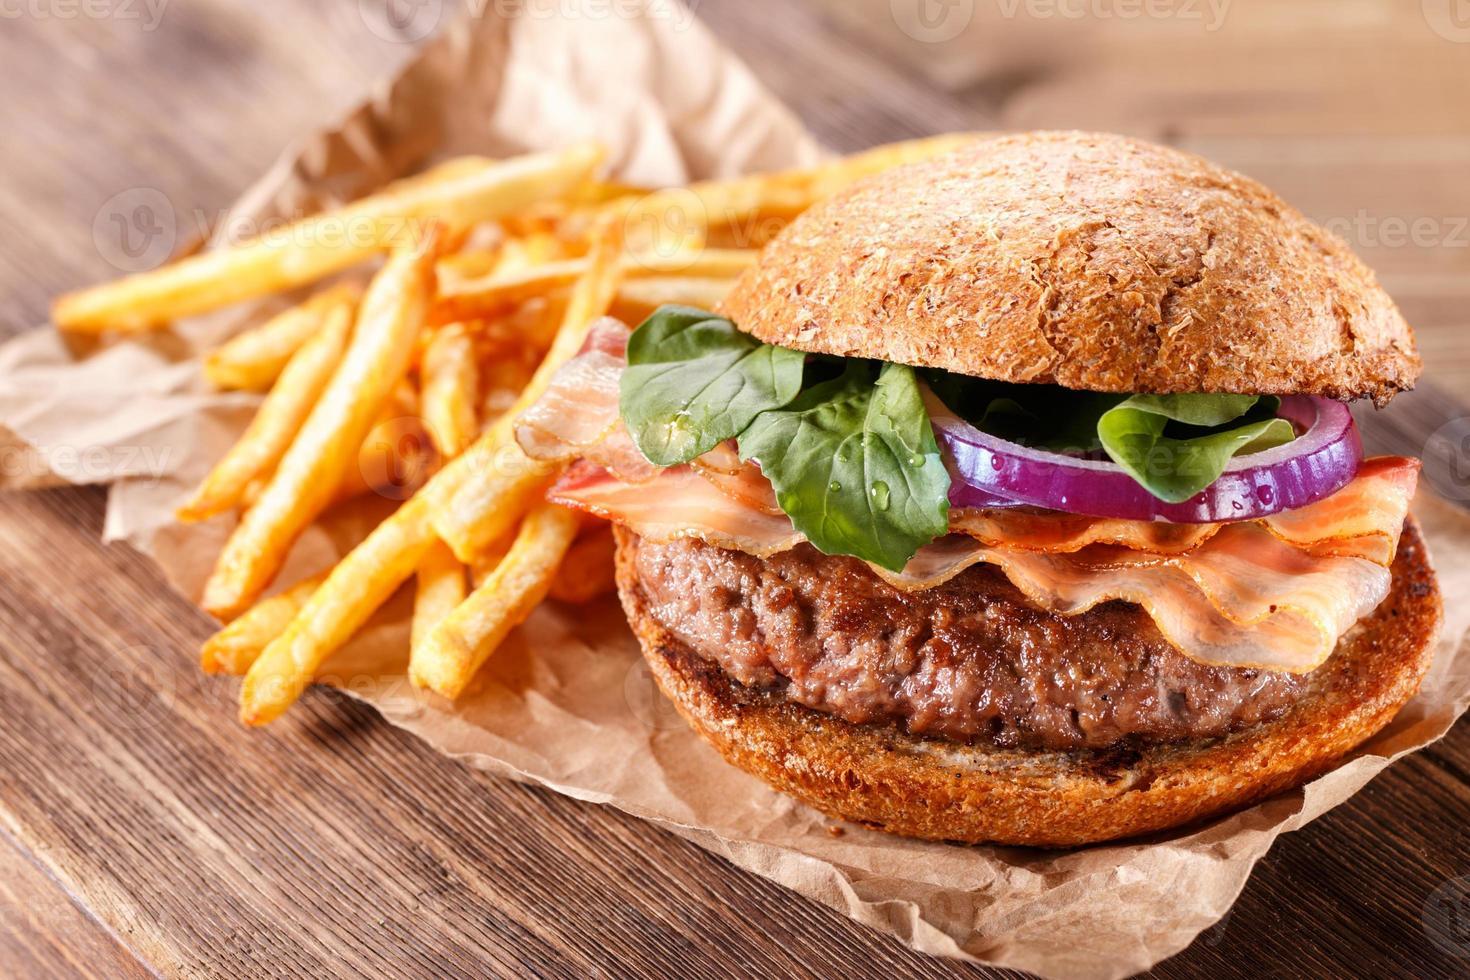 hamburger e patatine fritte si chiudono su fondo in legno. foto